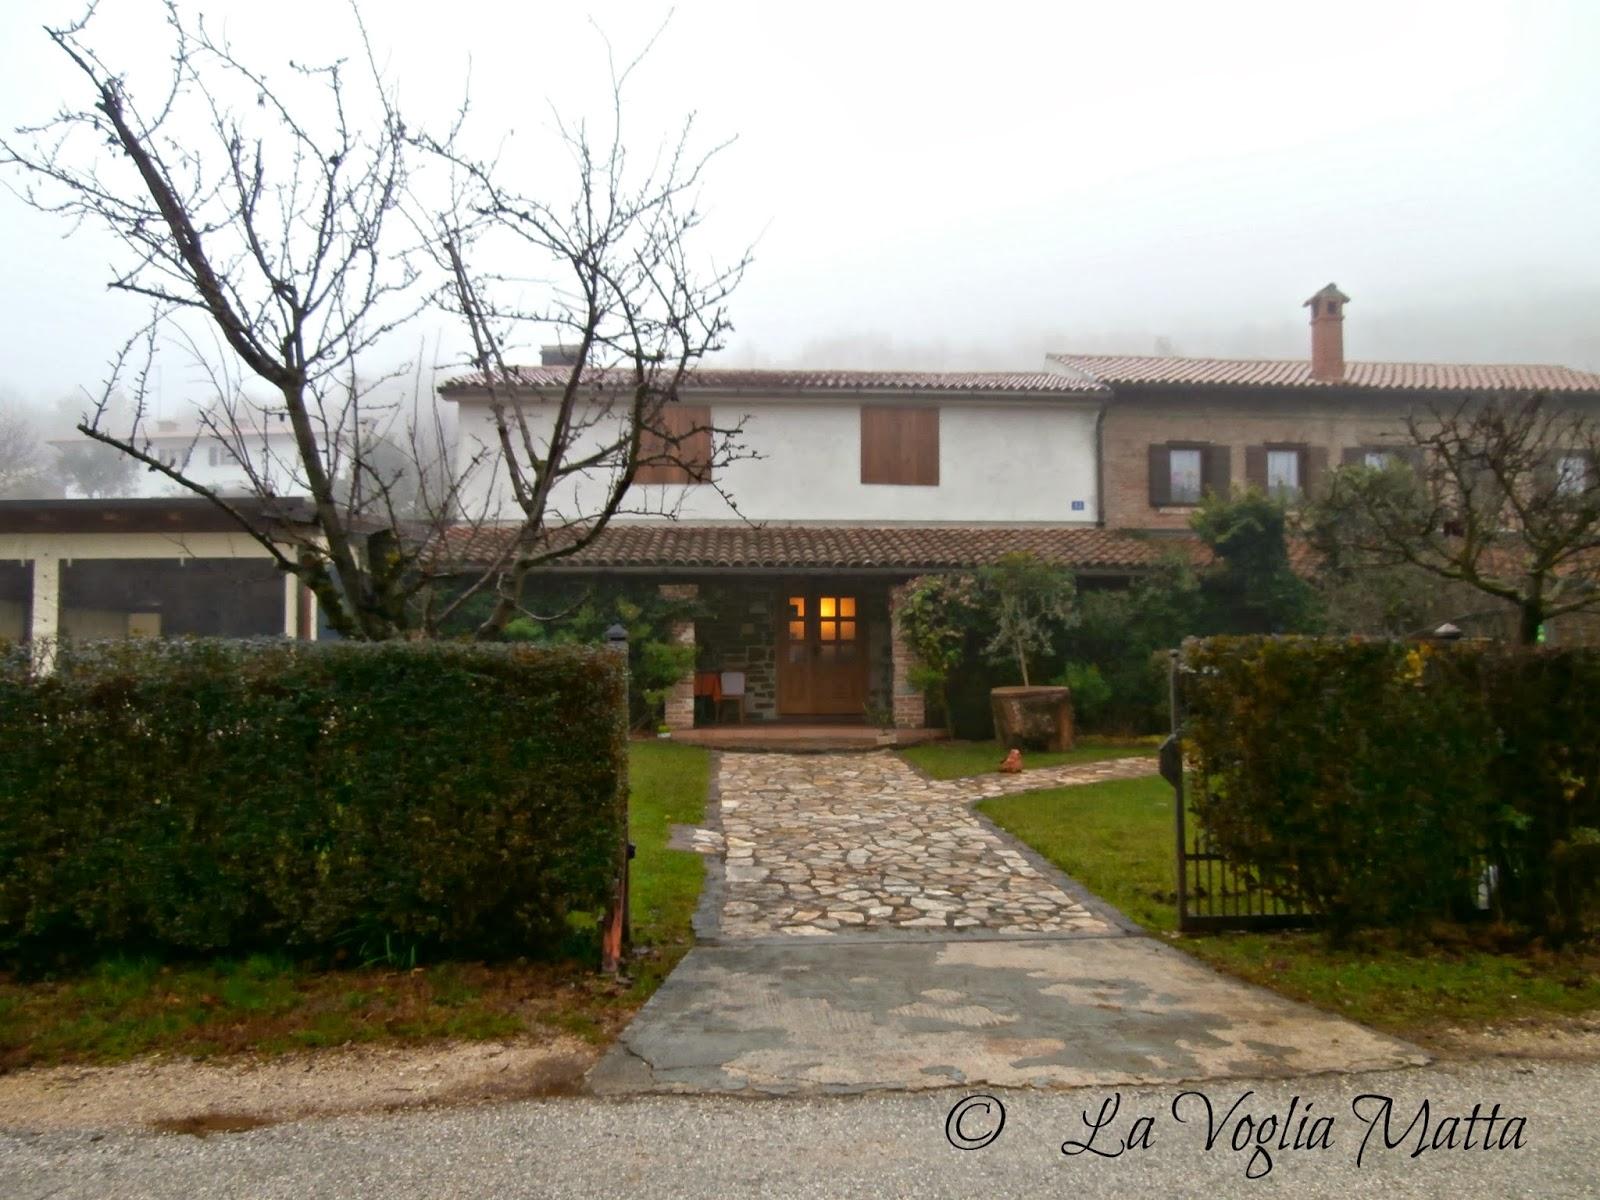 Stari Podrum a Momiano in Istria